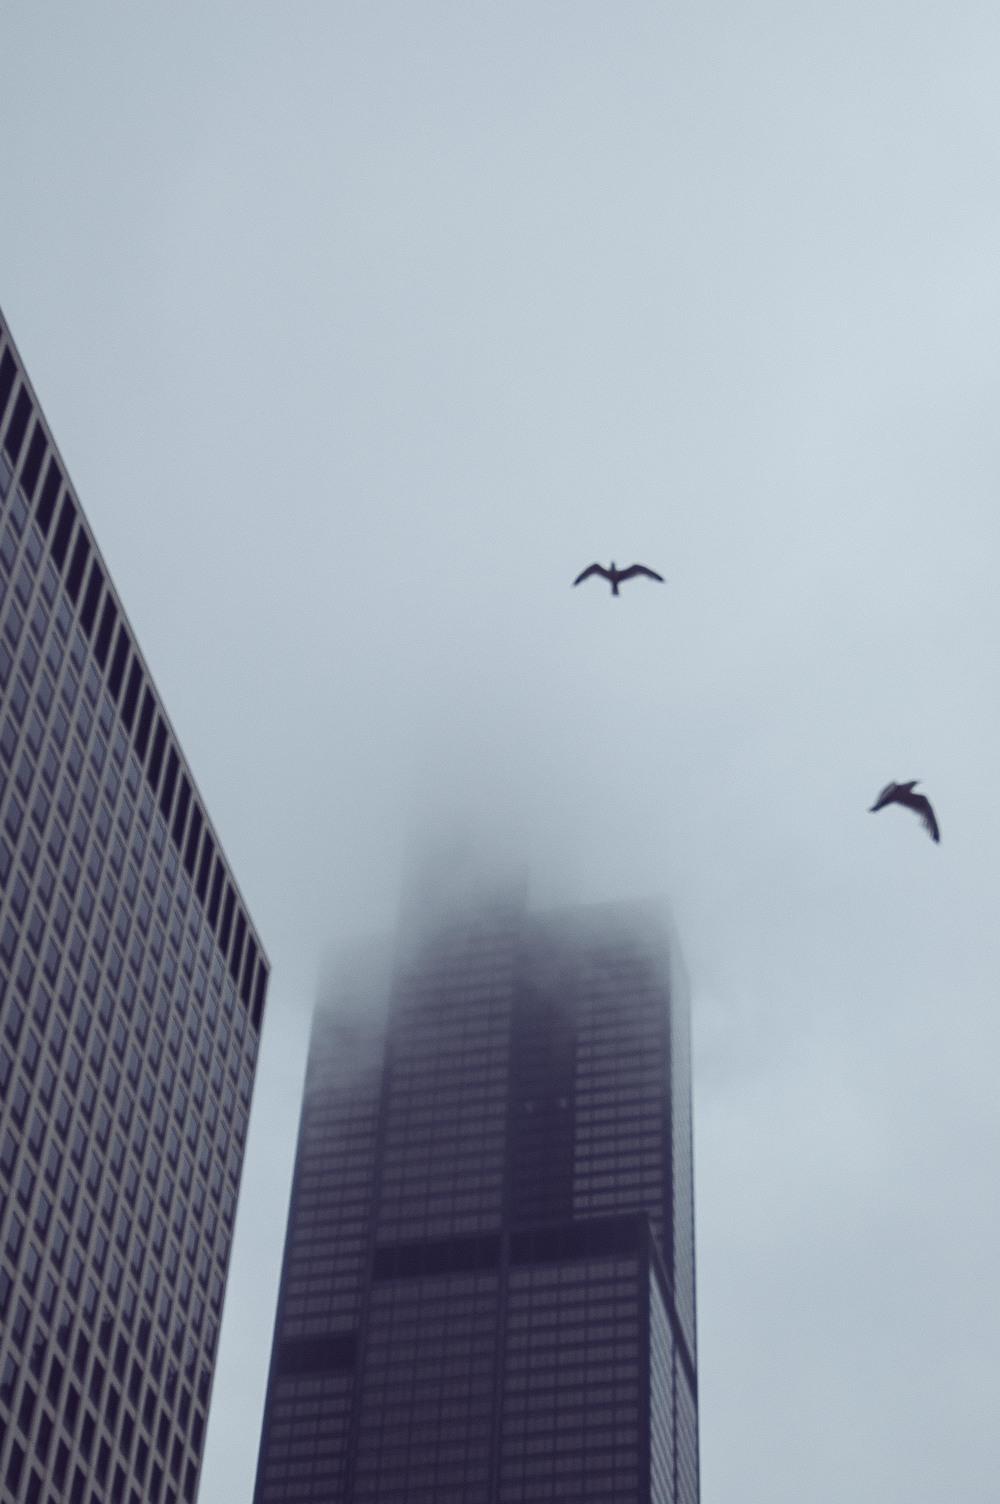 2010_0613_D70_Chicago_DSC_0015.jpg